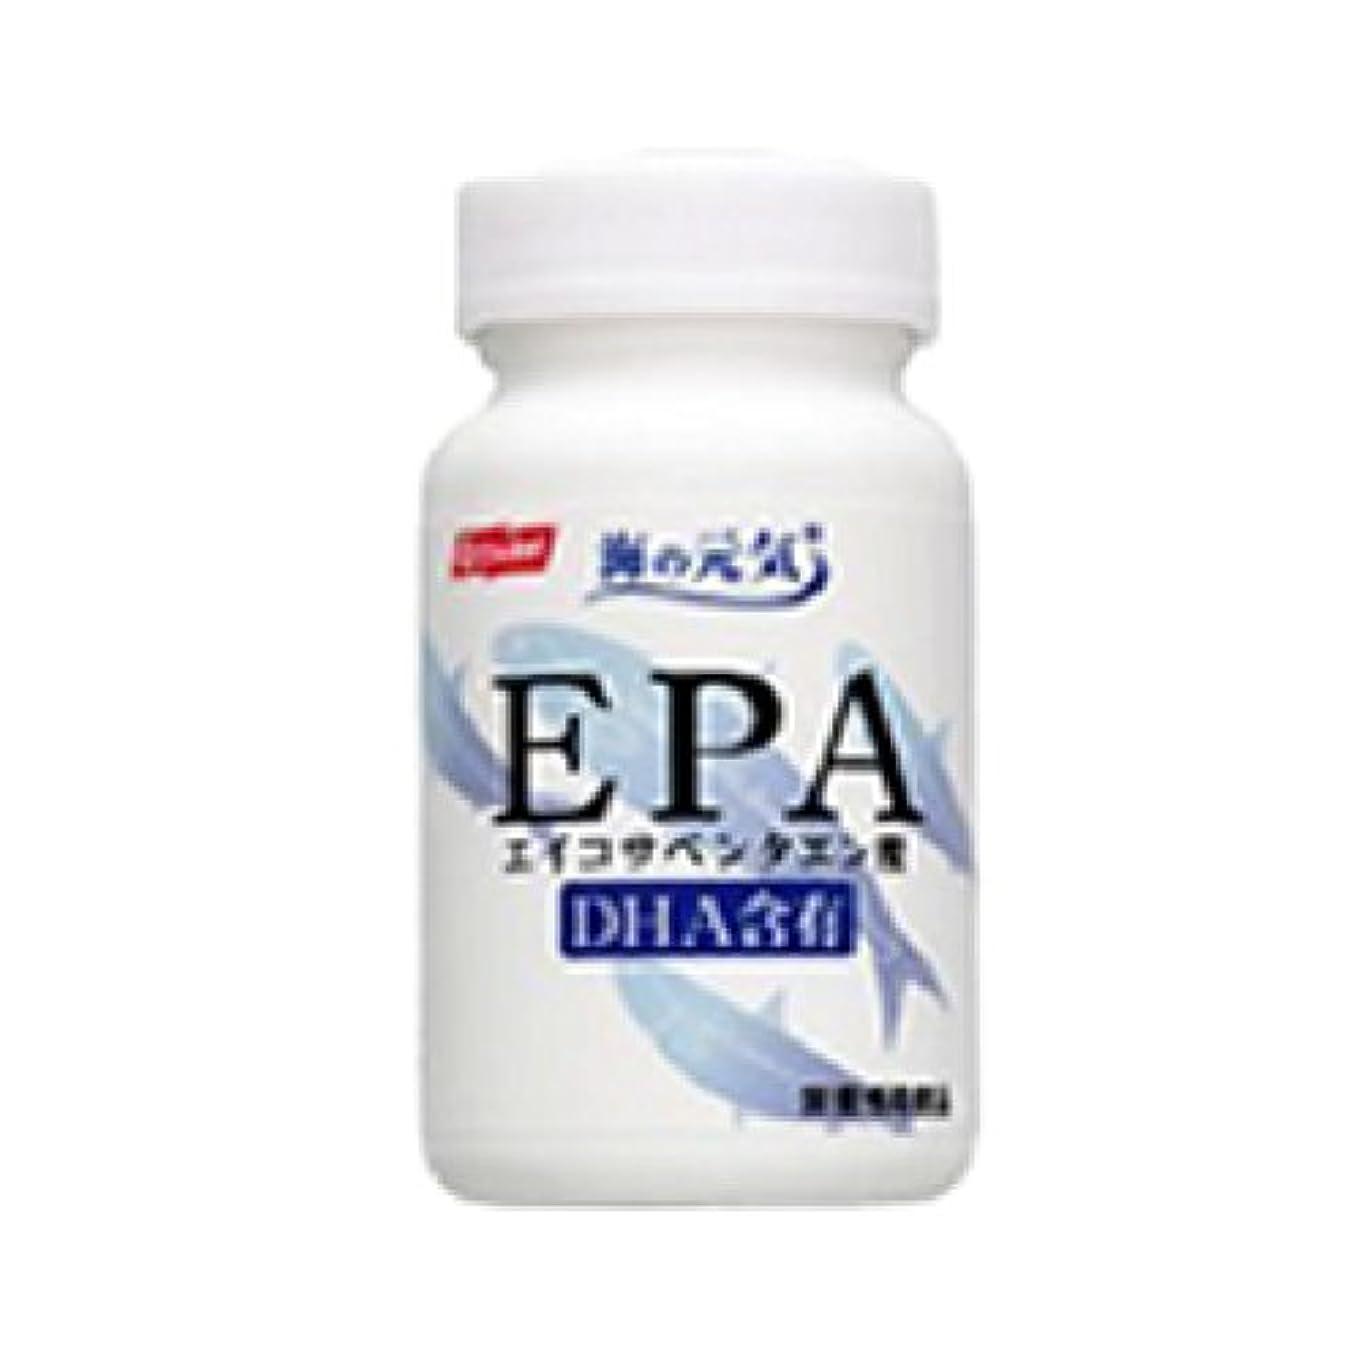 剥ぎ取る競争力のある斧海の元気 EPA 120粒入(お試しセット)